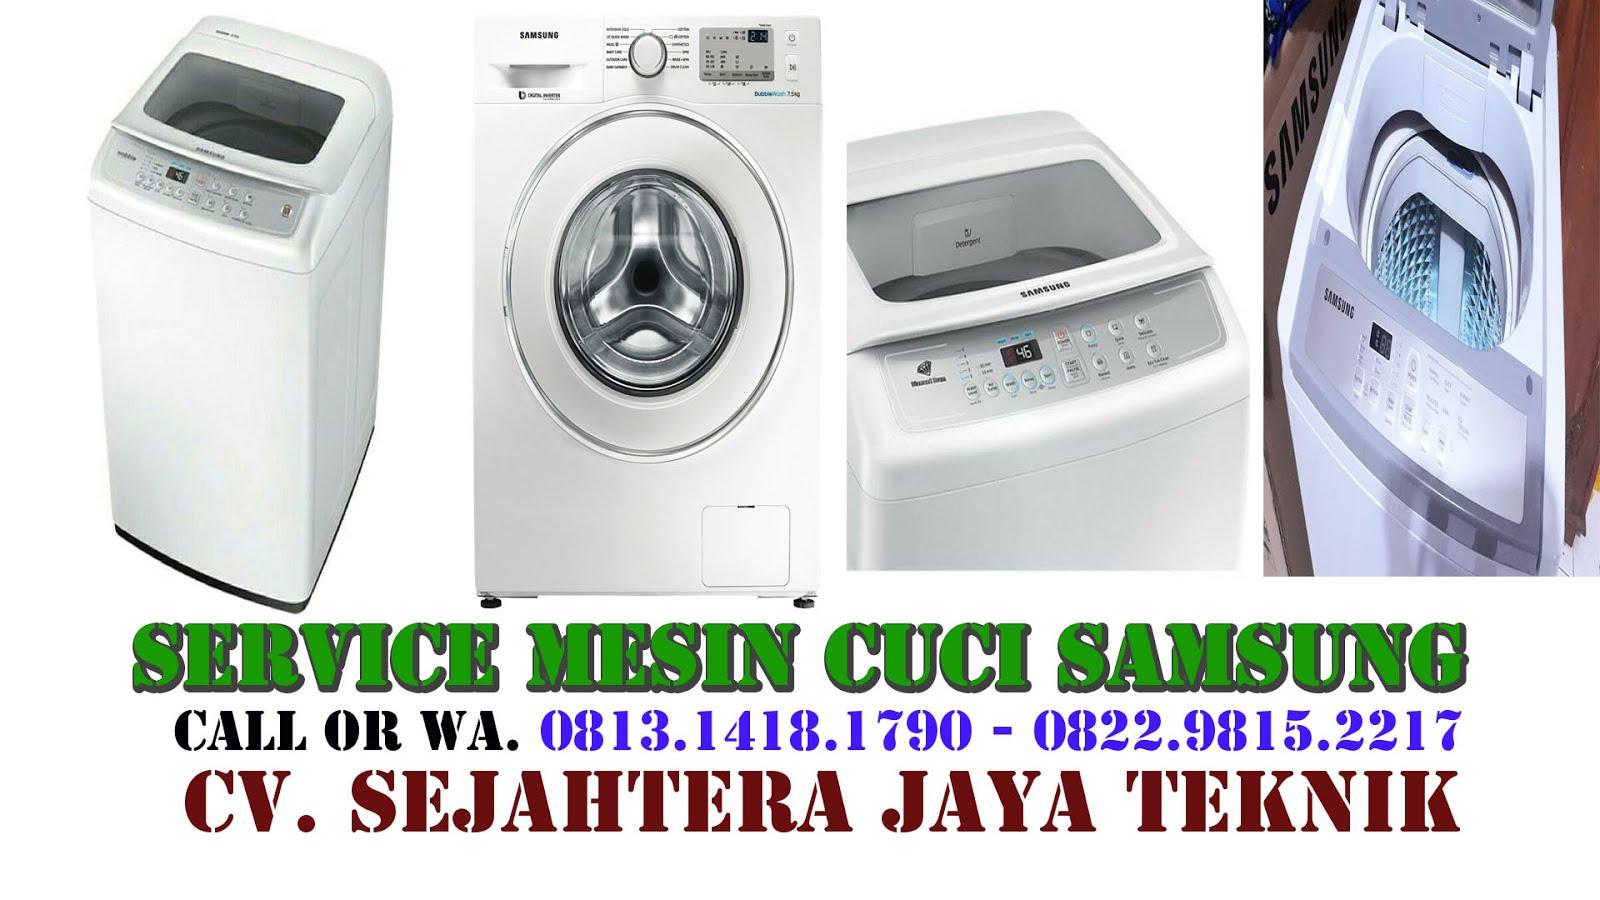 Service Mesin Cuci Samsung di Jakarta Selatan